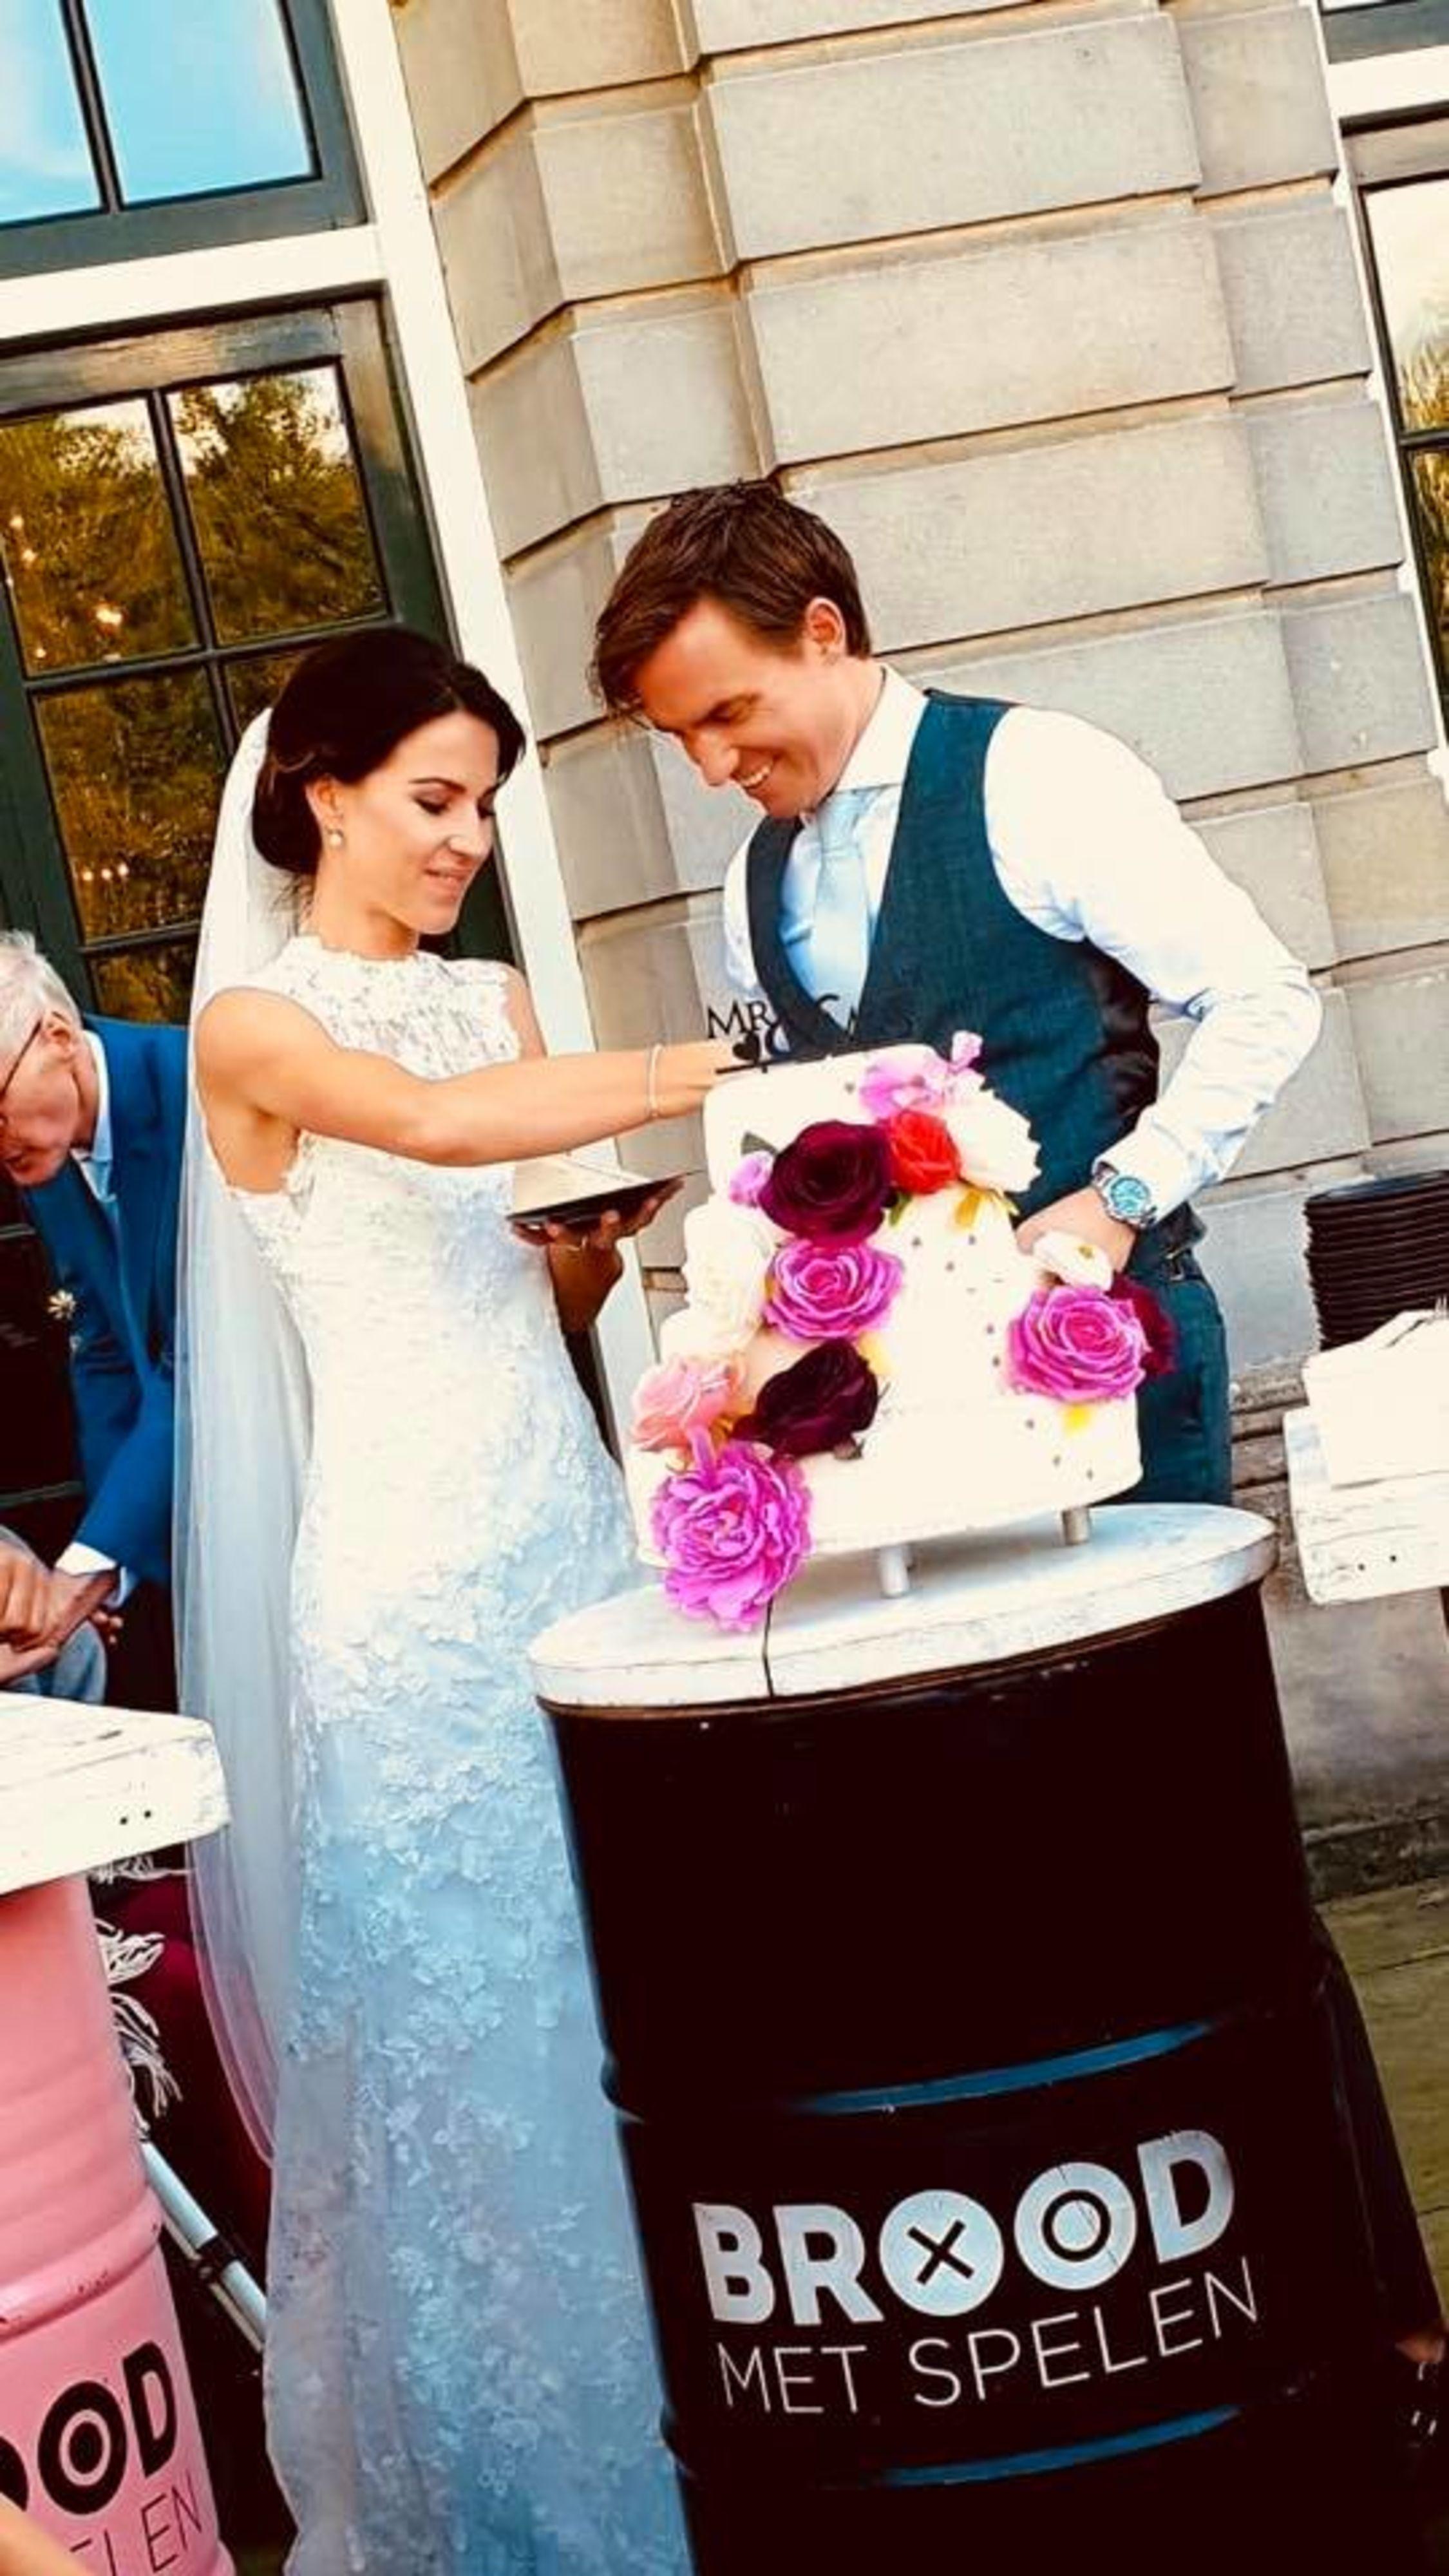 Brood met Spelen Catering op jullie bruiloft